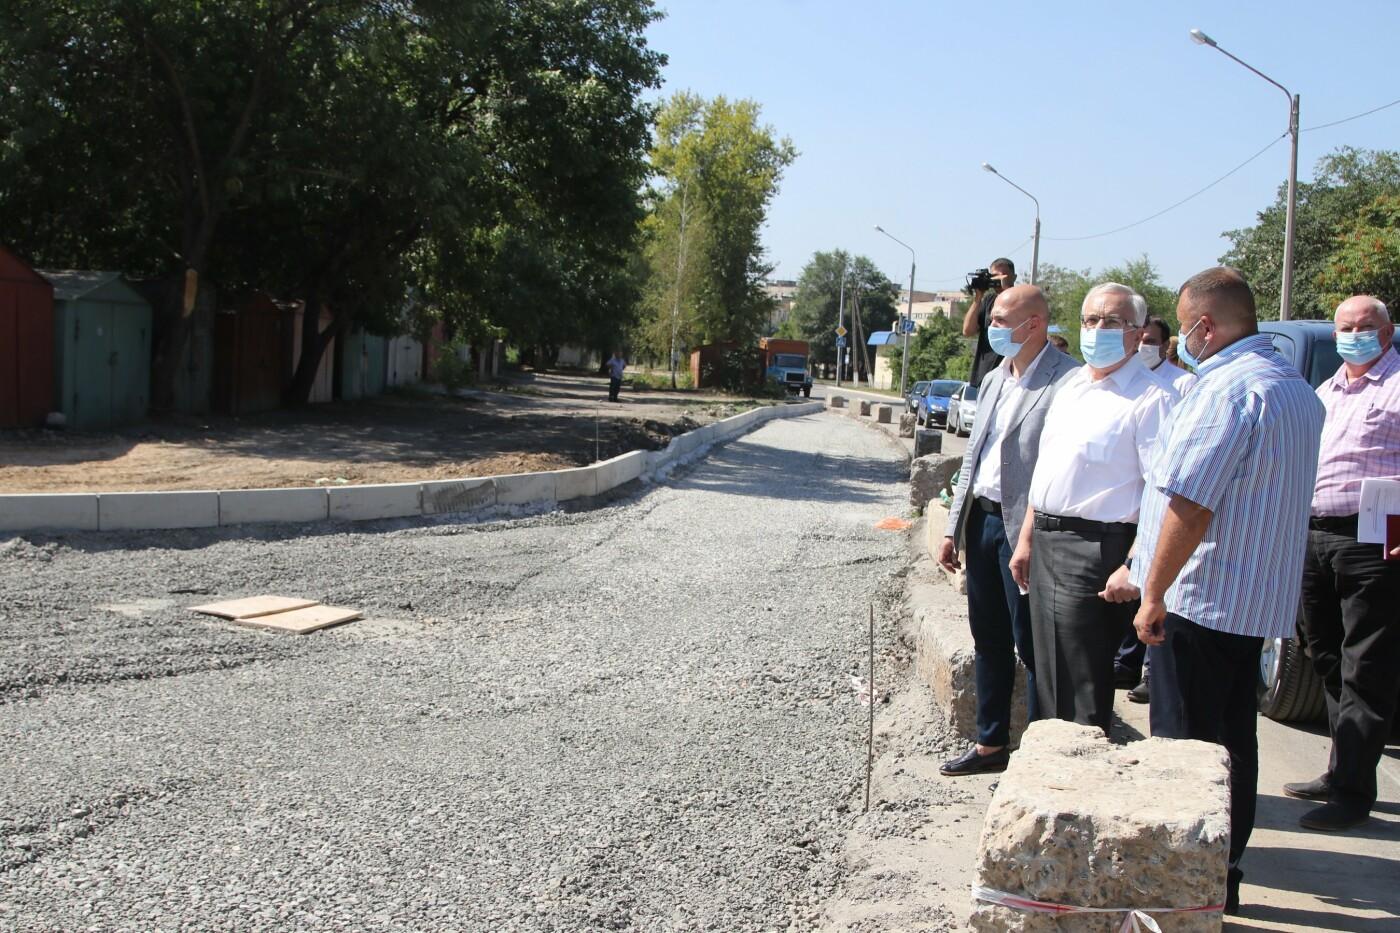 Юрій Вілкул: Продовжуємо розвиток інфраструктури Кривого Рогу - завершили два великих дорожніх проєкти з капремонту по проспекту 200-річчя..., фото-5